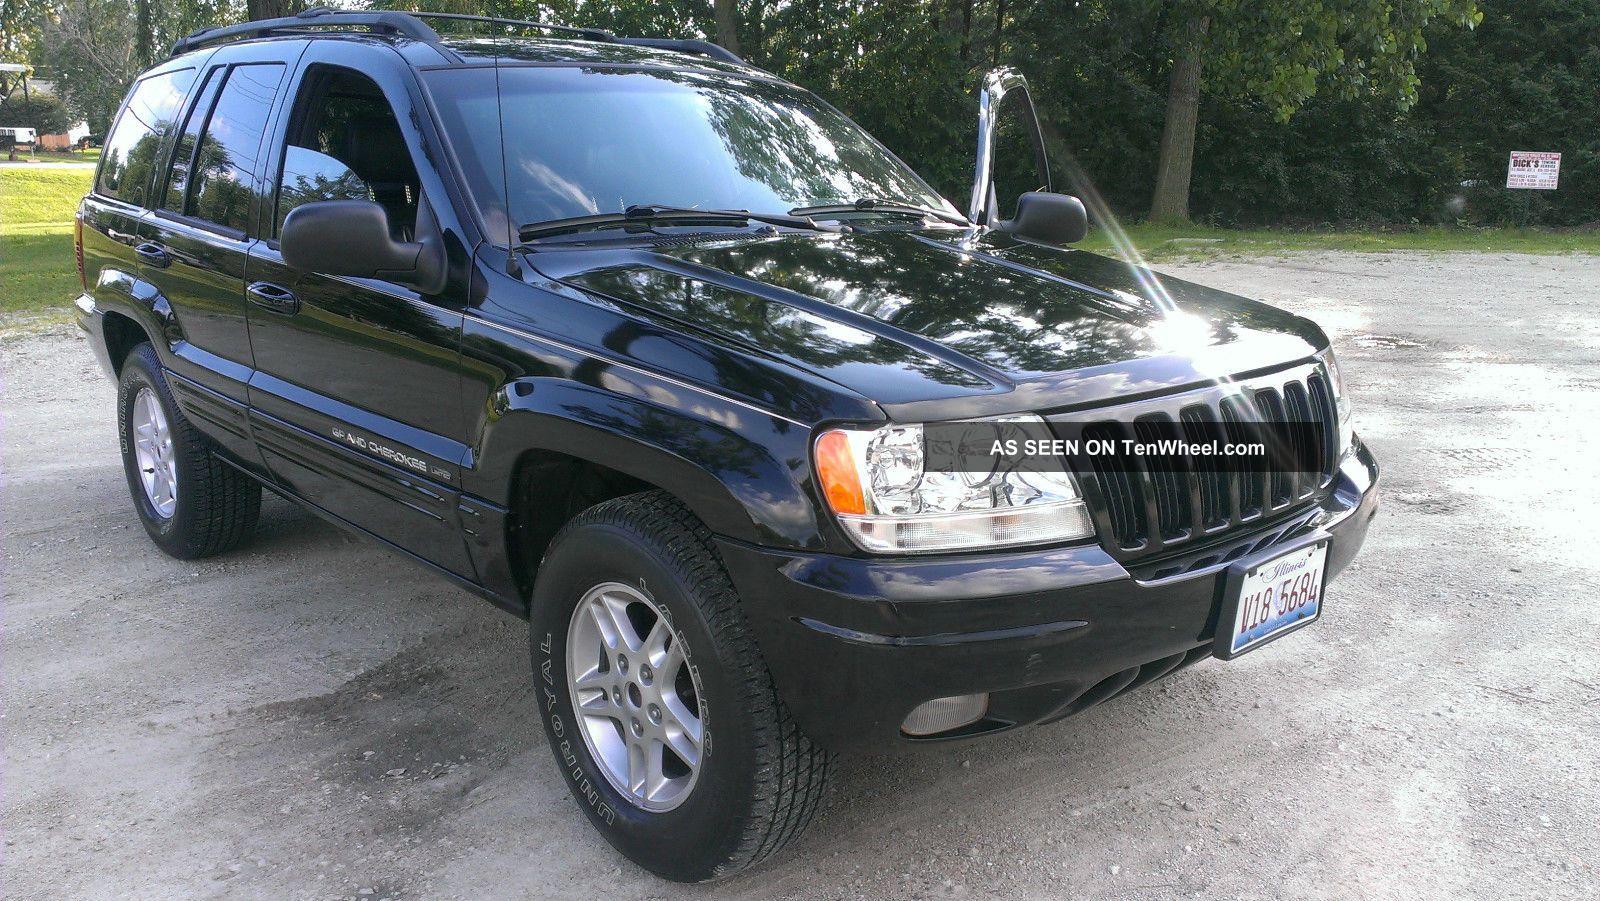 2000 jeep grand cherokee limited v8 loaded black on black fresh engine. Black Bedroom Furniture Sets. Home Design Ideas